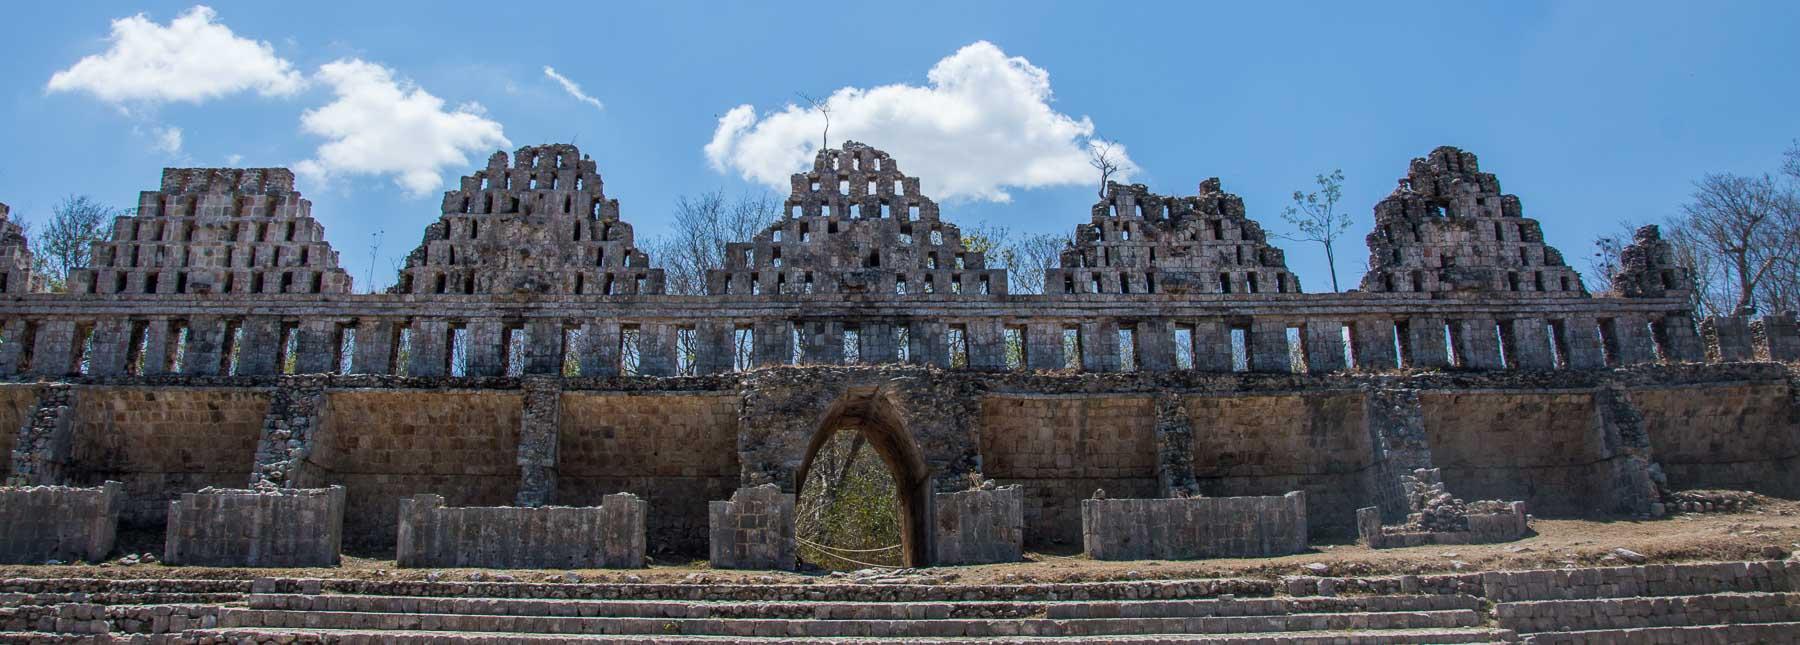 The Dovecote Mayan ruin at Uxmal.